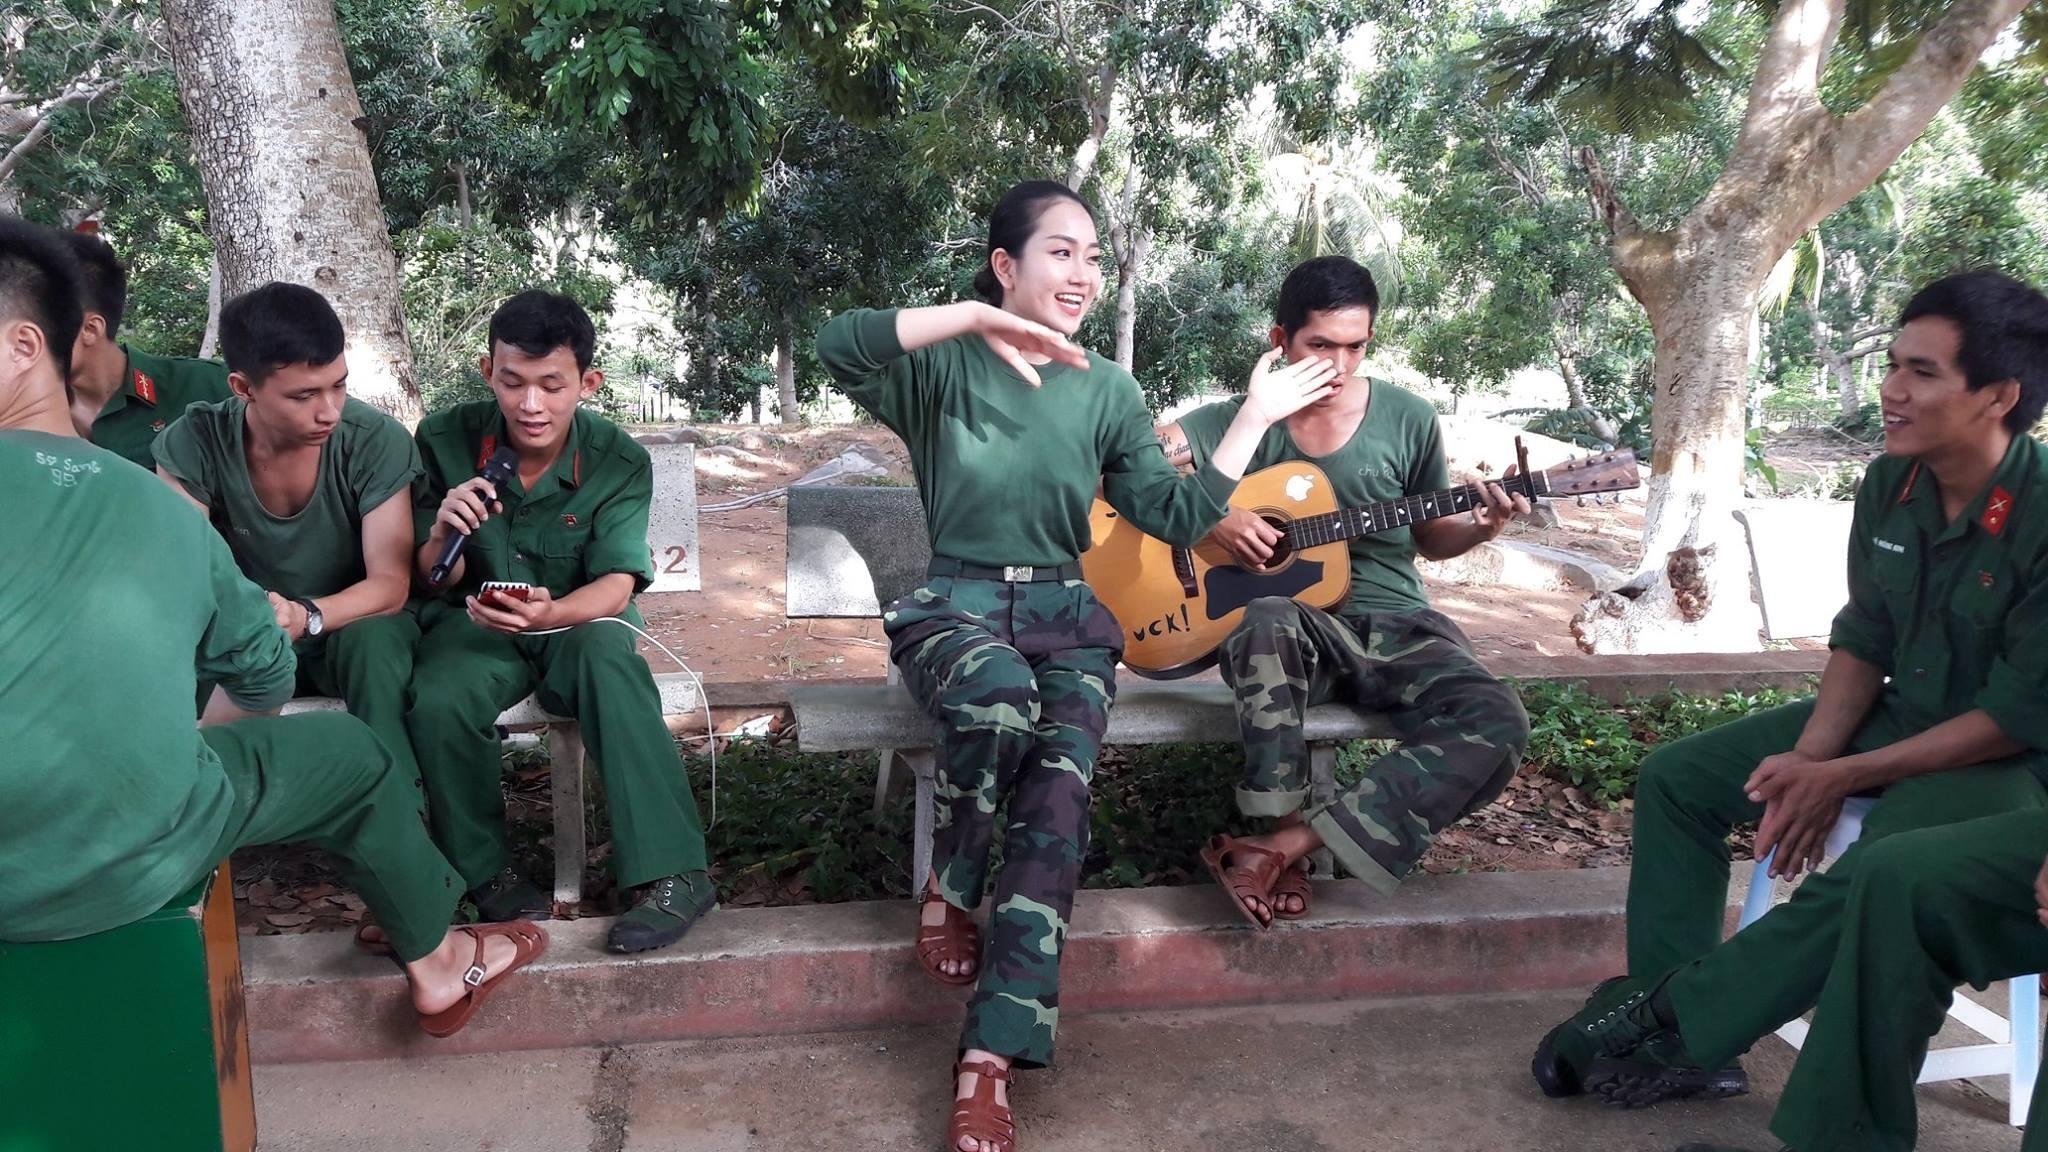 Phùng Lan Hương biểu diễn văn nghệ, giao lưu cùng các chiến sĩ ở Côn Đảo.